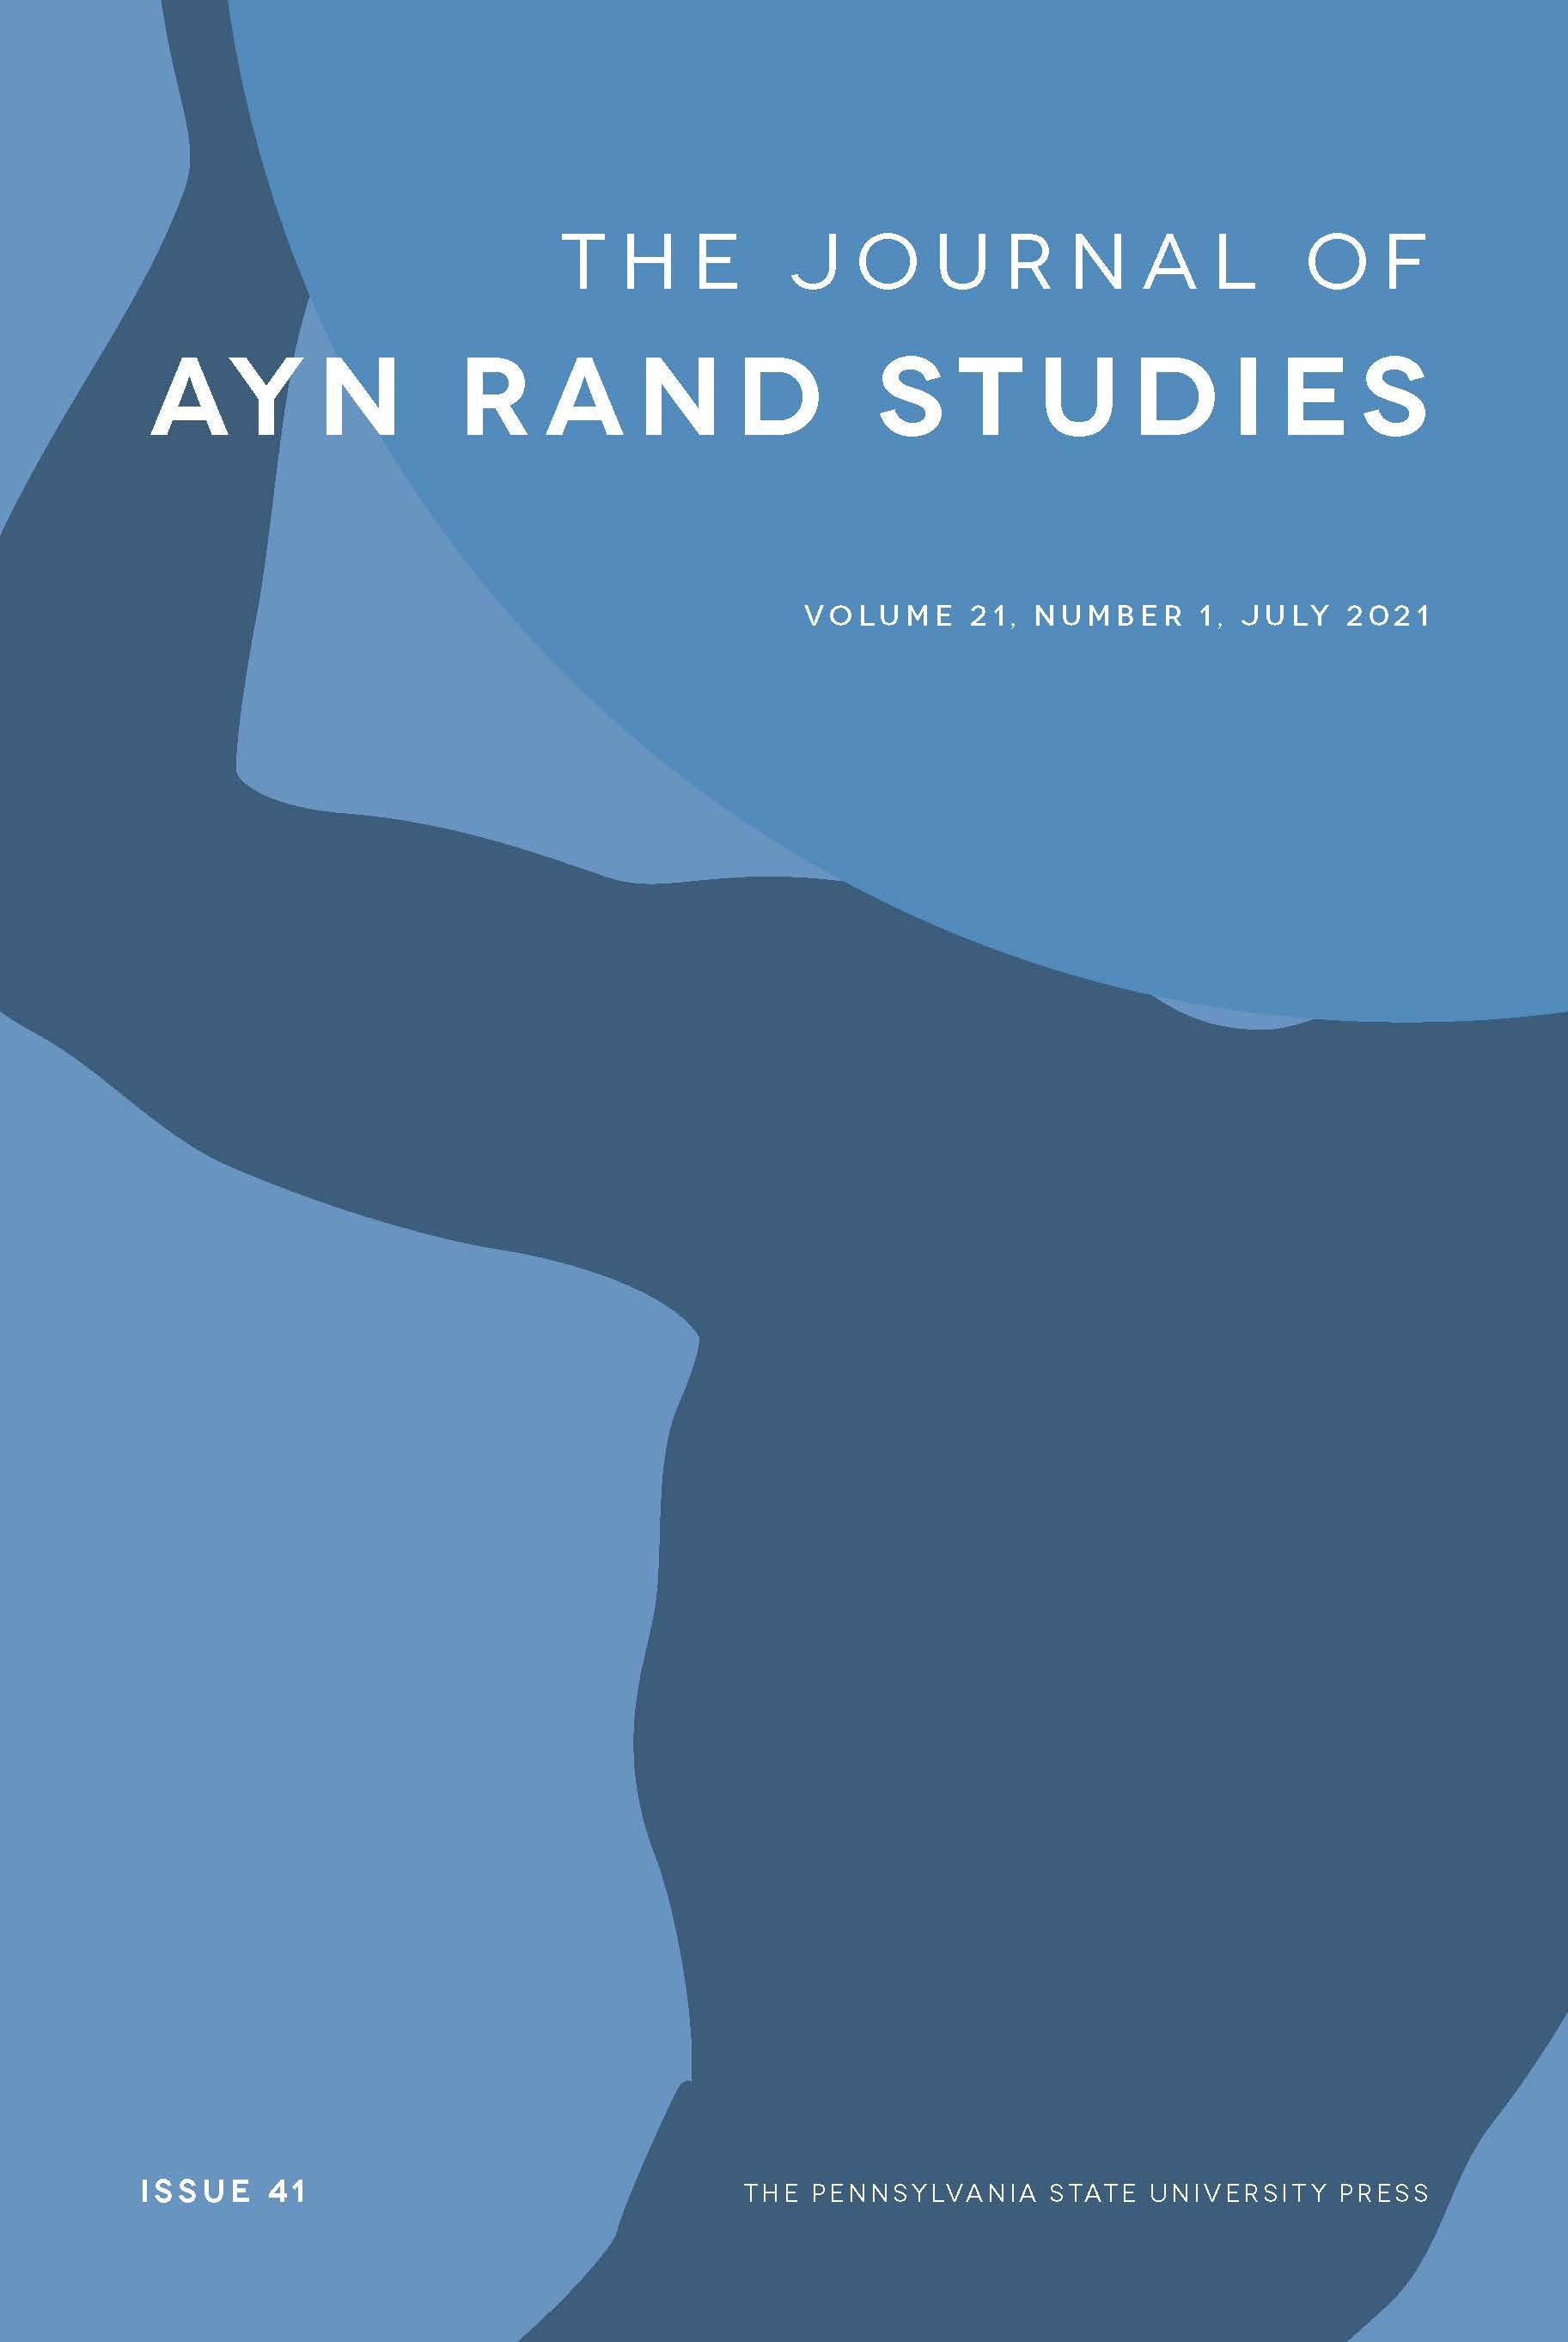 Journal of Ayn Rand Studies: Volume 21, Number 1, July 2021